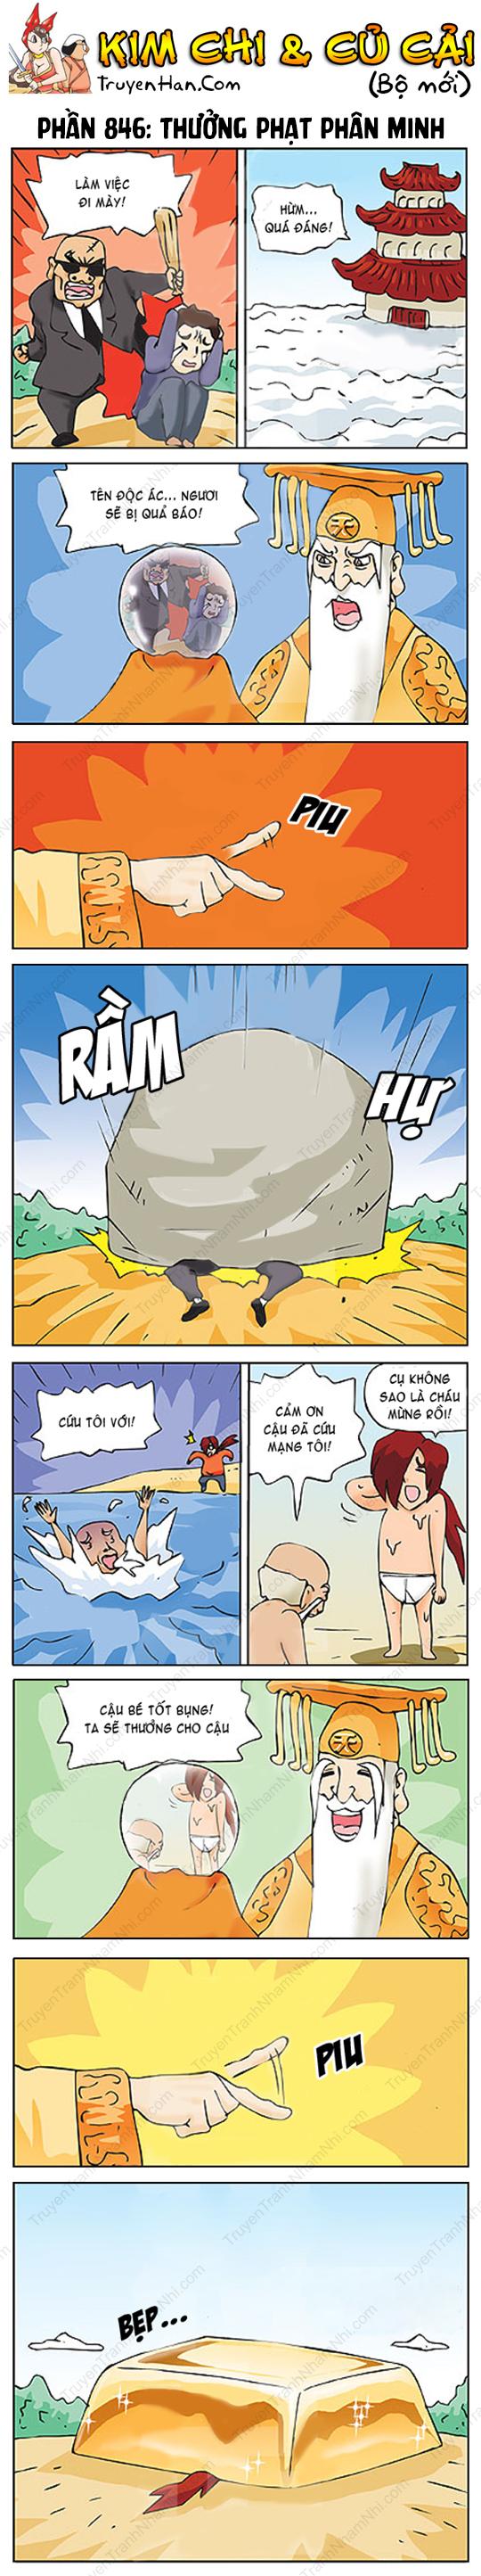 Kim Chi & Củ Cải (bộ mới) phần 846: Thưởng phạt phân minh